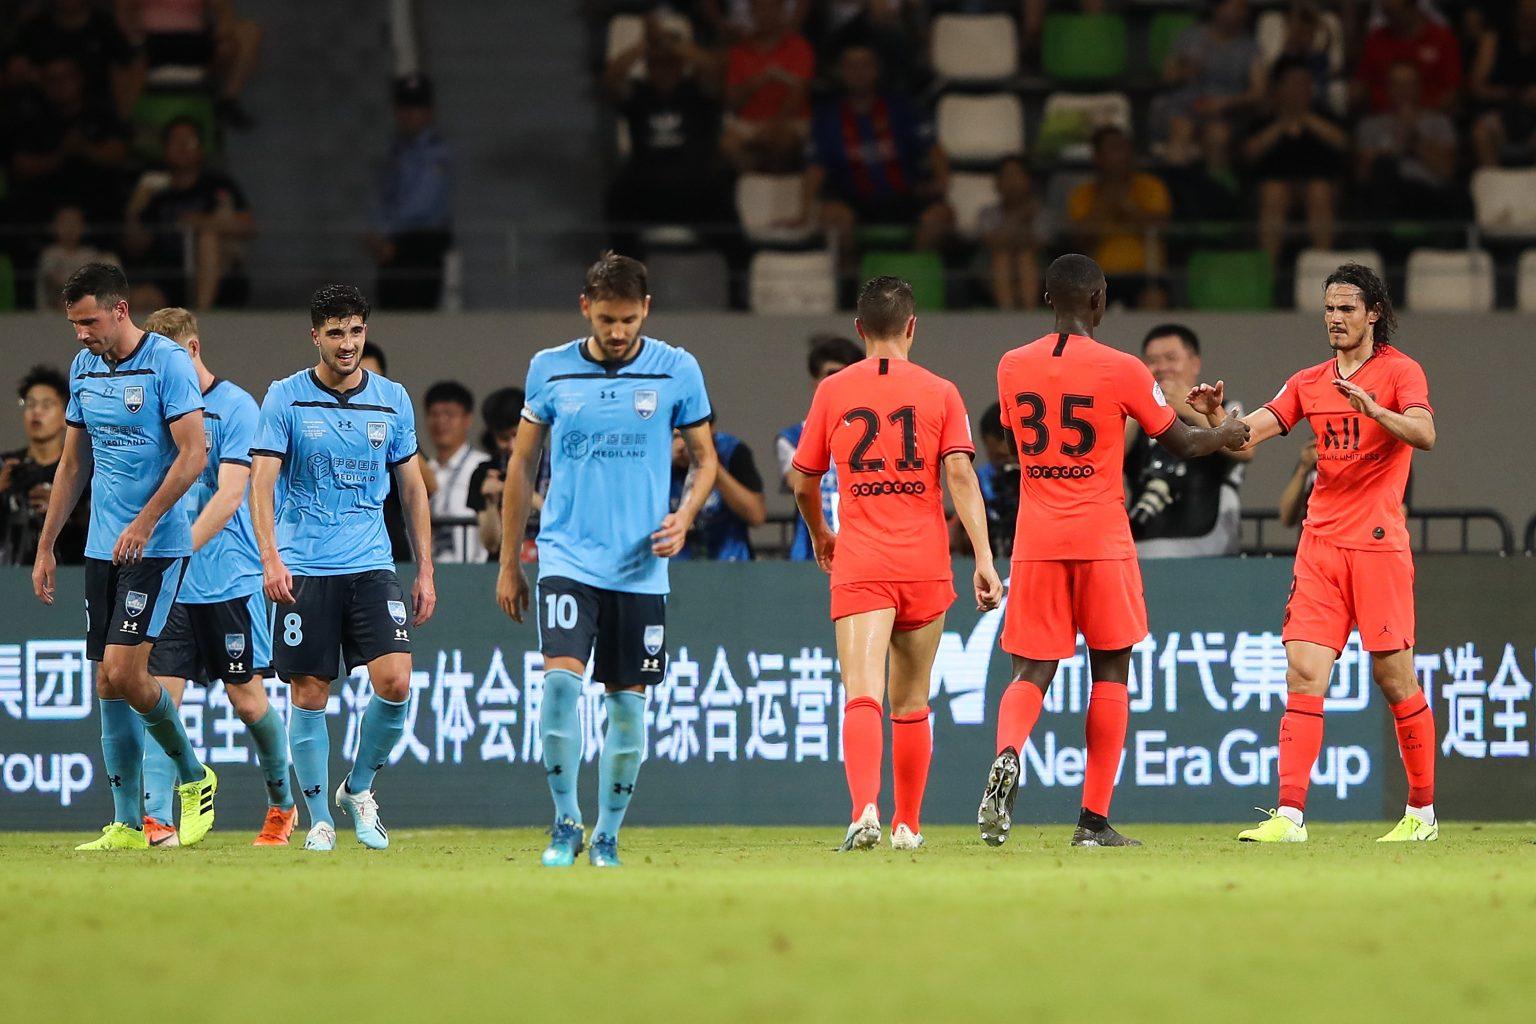 法媒:莱比锡签下法国新星,或允许乌帕梅卡诺赛季末离队